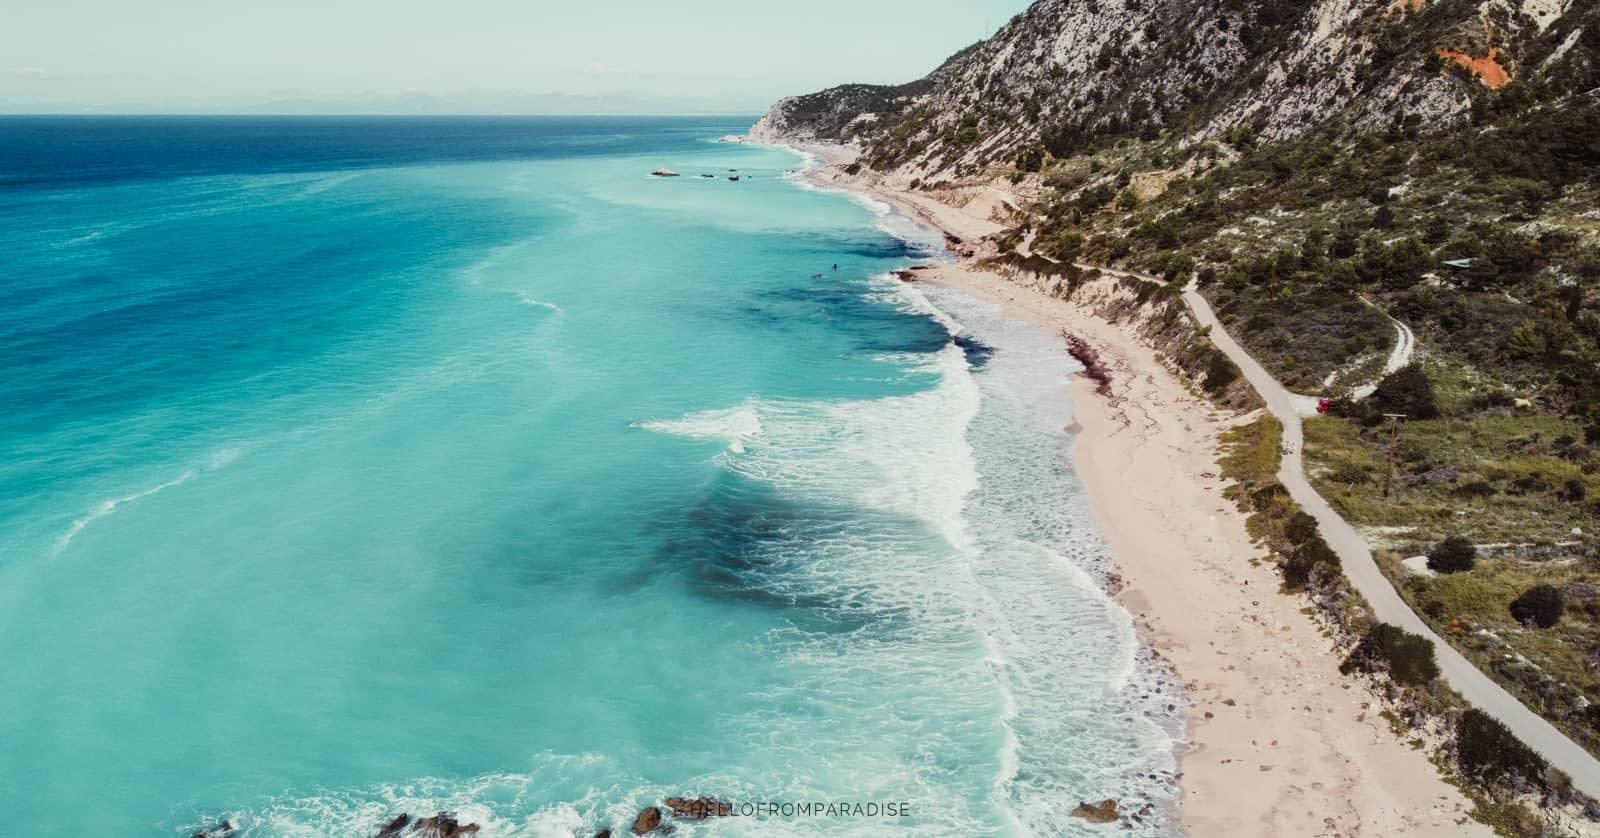 Lefkada Beaches on the West Coast